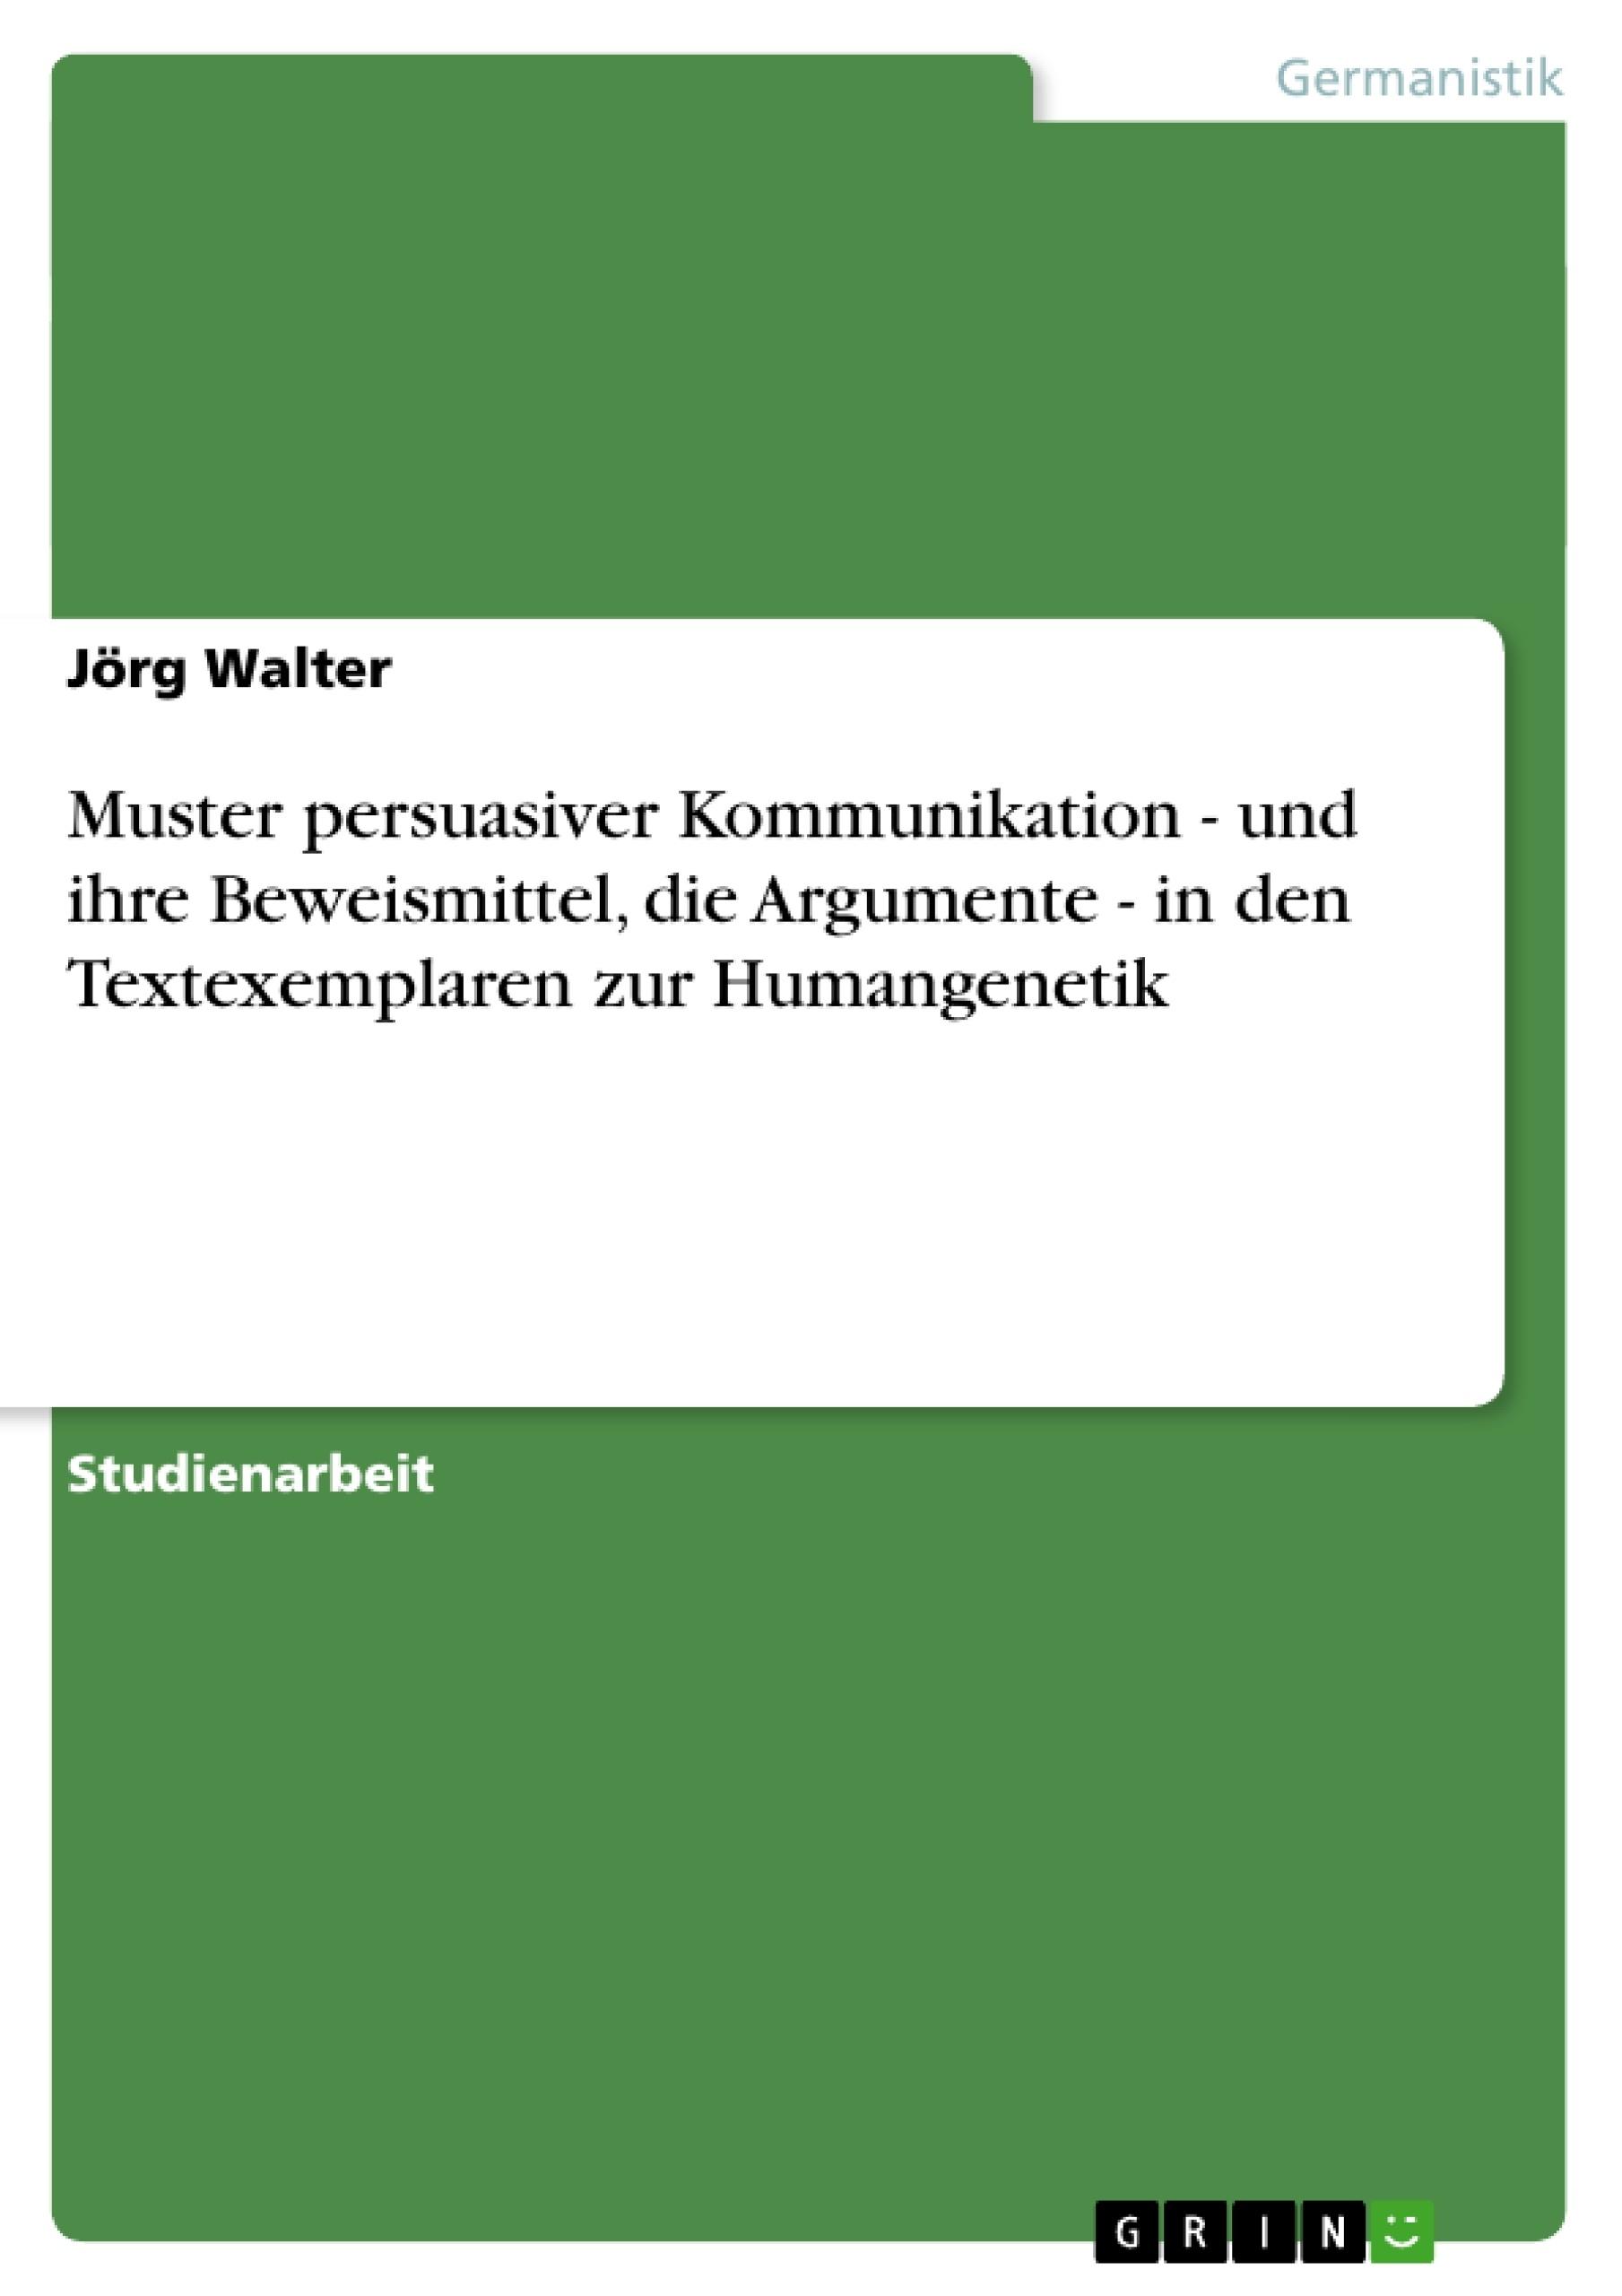 Titel: Muster persuasiver Kommunikation - und ihre Beweismittel, die Argumente - in den Textexemplaren zur Humangenetik